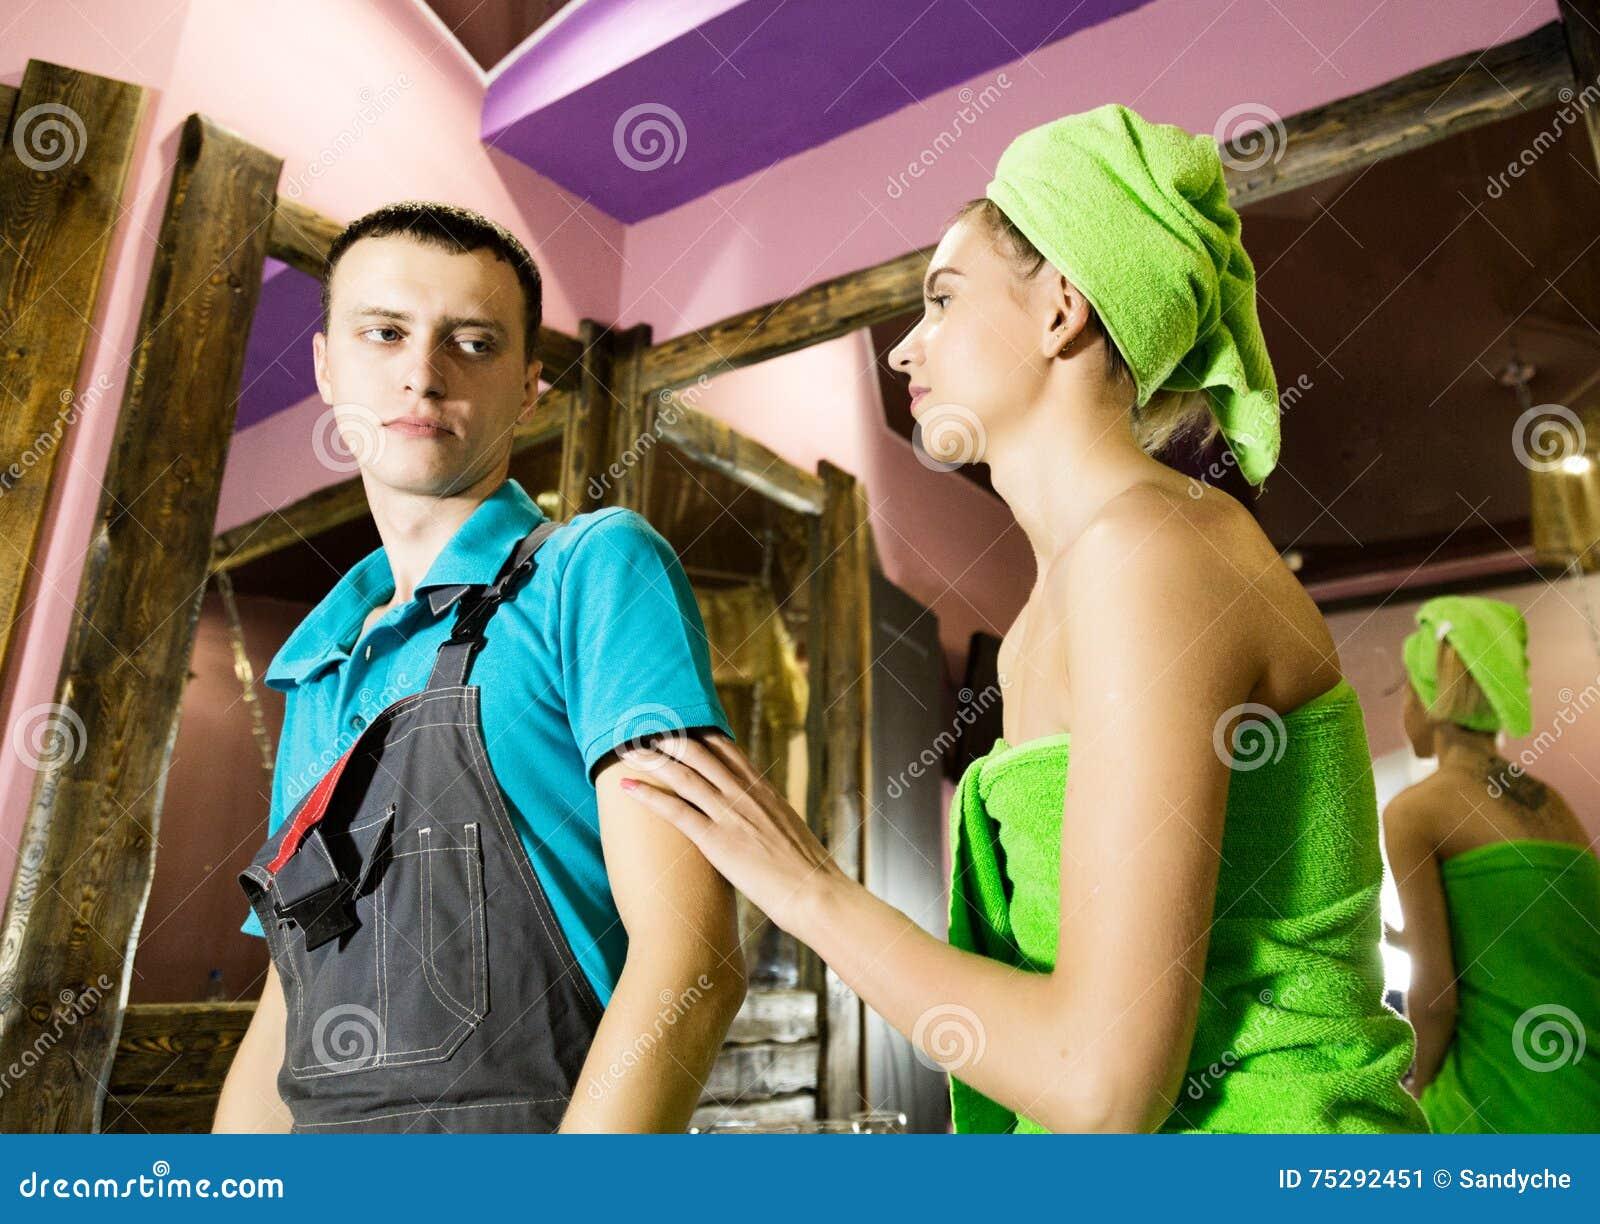 Rencontre femme serieuse belgique